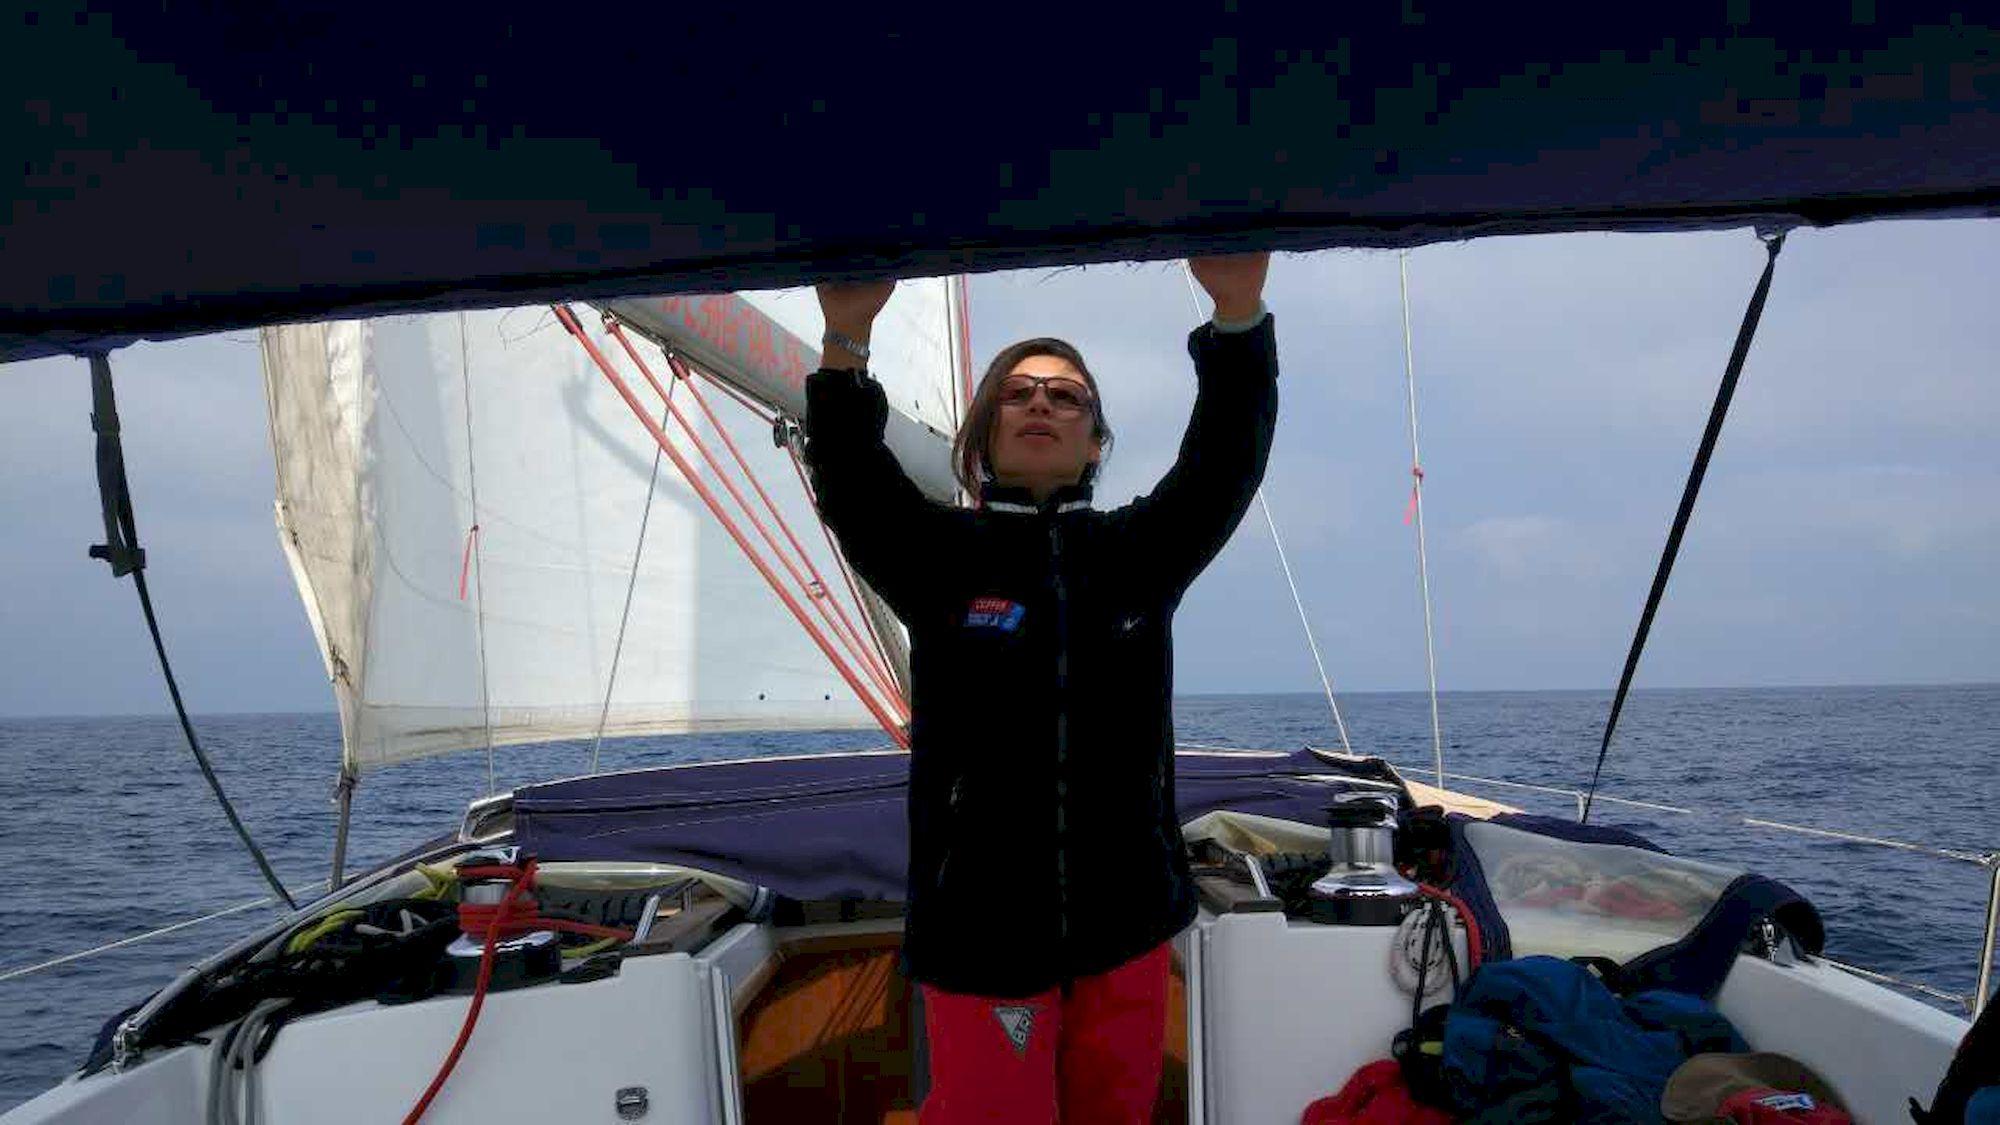 018-IMG_3118_千帆俱乐部我要航海网帆船队-2016威海-仁川国际帆船赛.JPG